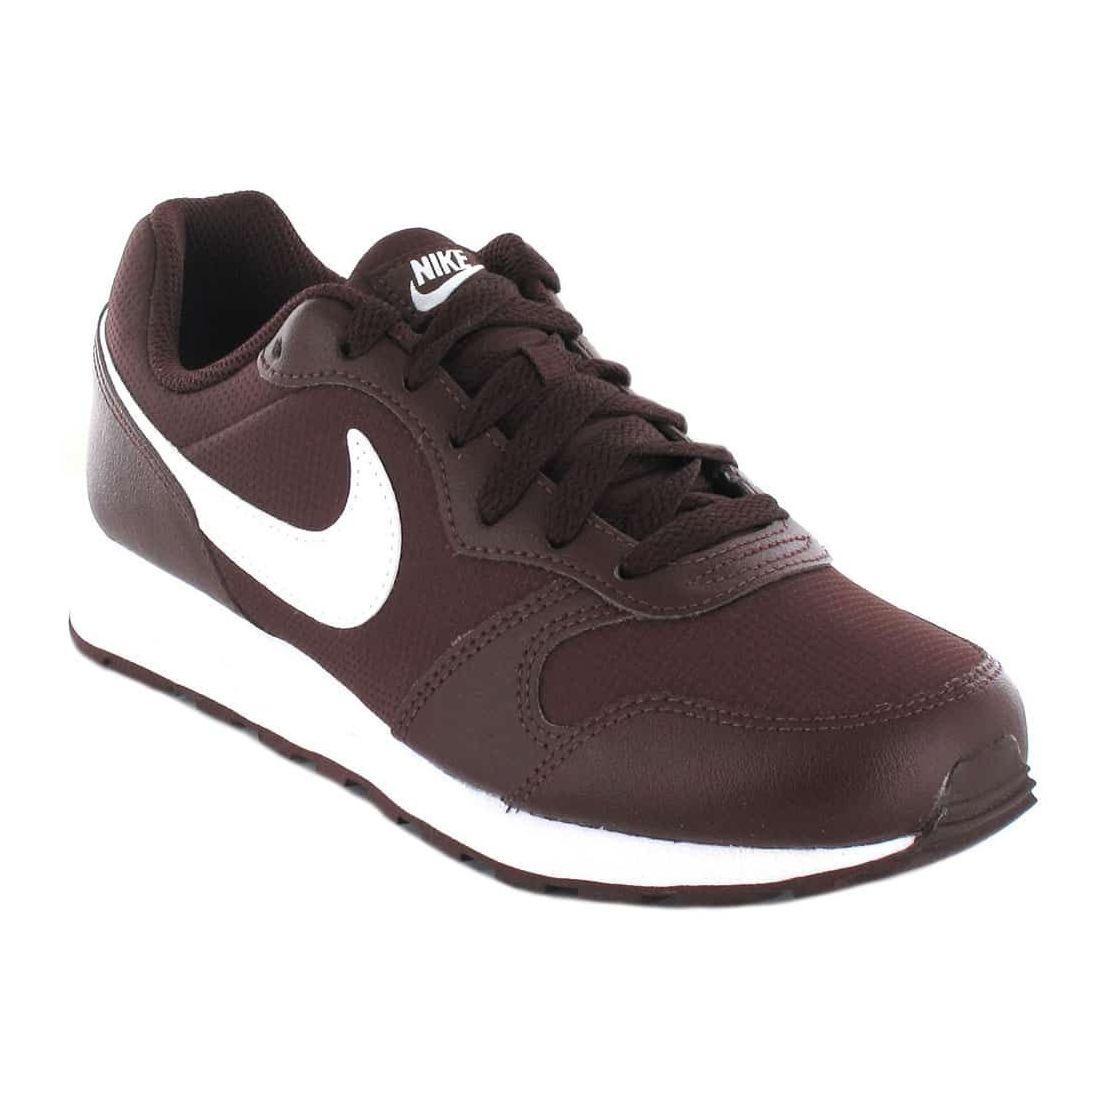 Nike MD Runner 2 PE GS